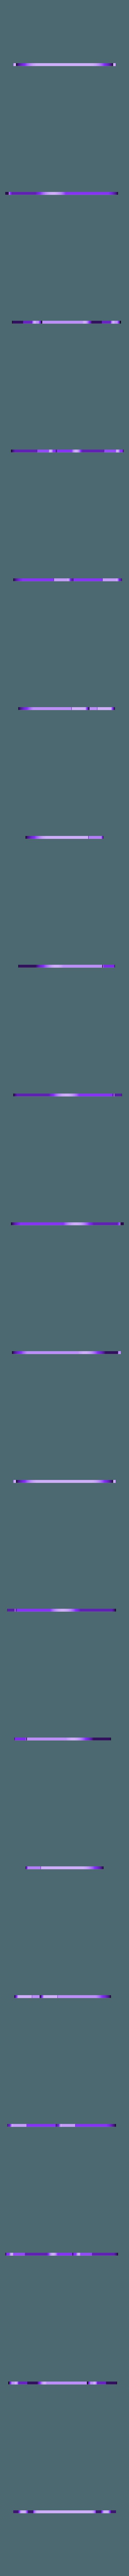 Latch.stl Télécharger fichier STL gratuit Affaire des jumelles • Plan à imprimer en 3D, CartesianCreationsAU